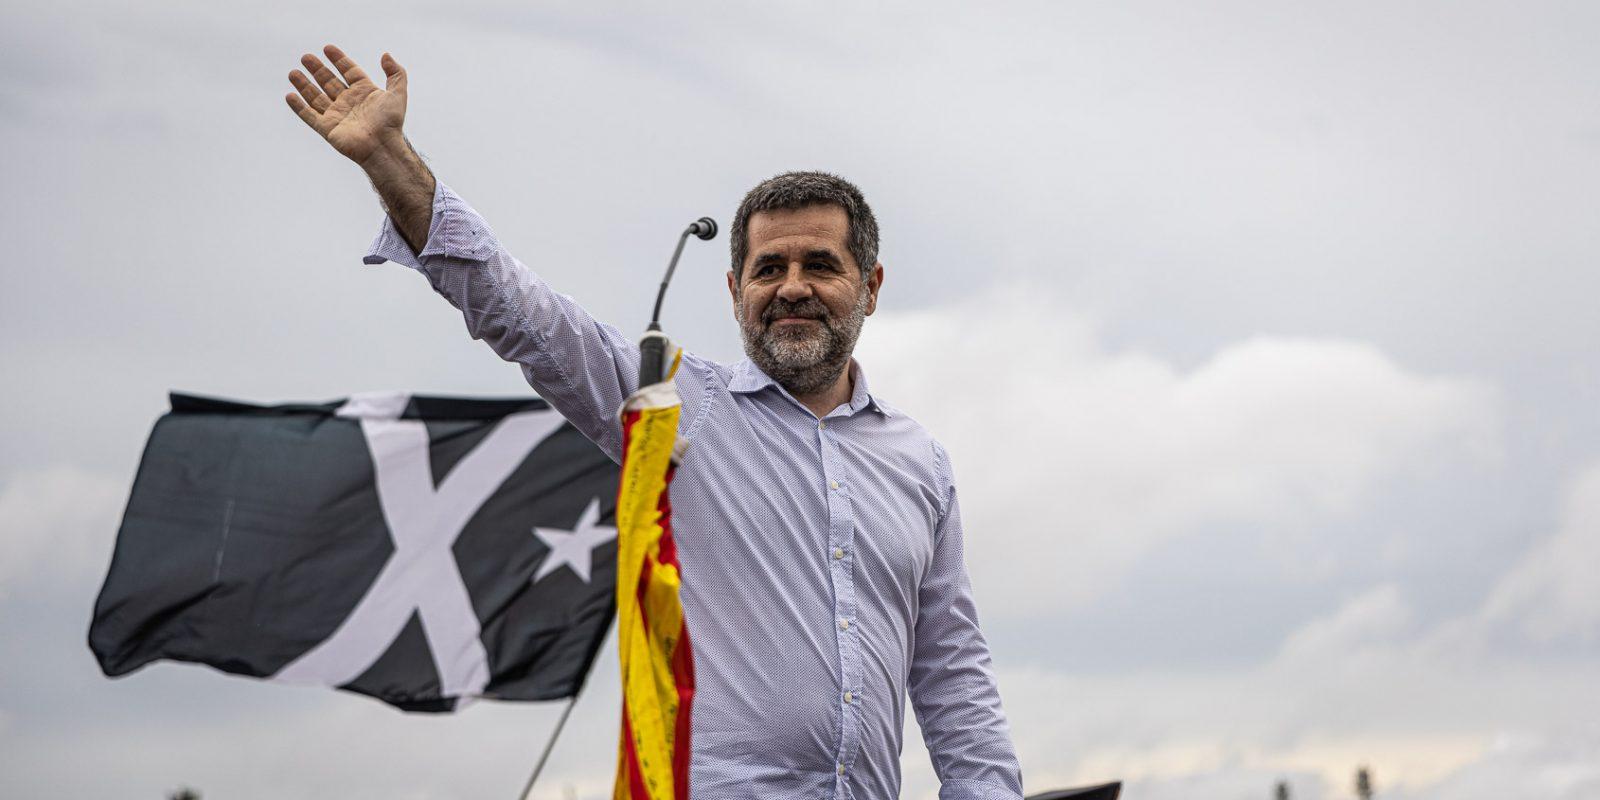 Jordi Sànchez, el dia de l'alliberament dels presos polítics de l'1-O per l'indult, a la sortida de Lledoners / Jordi Borràs